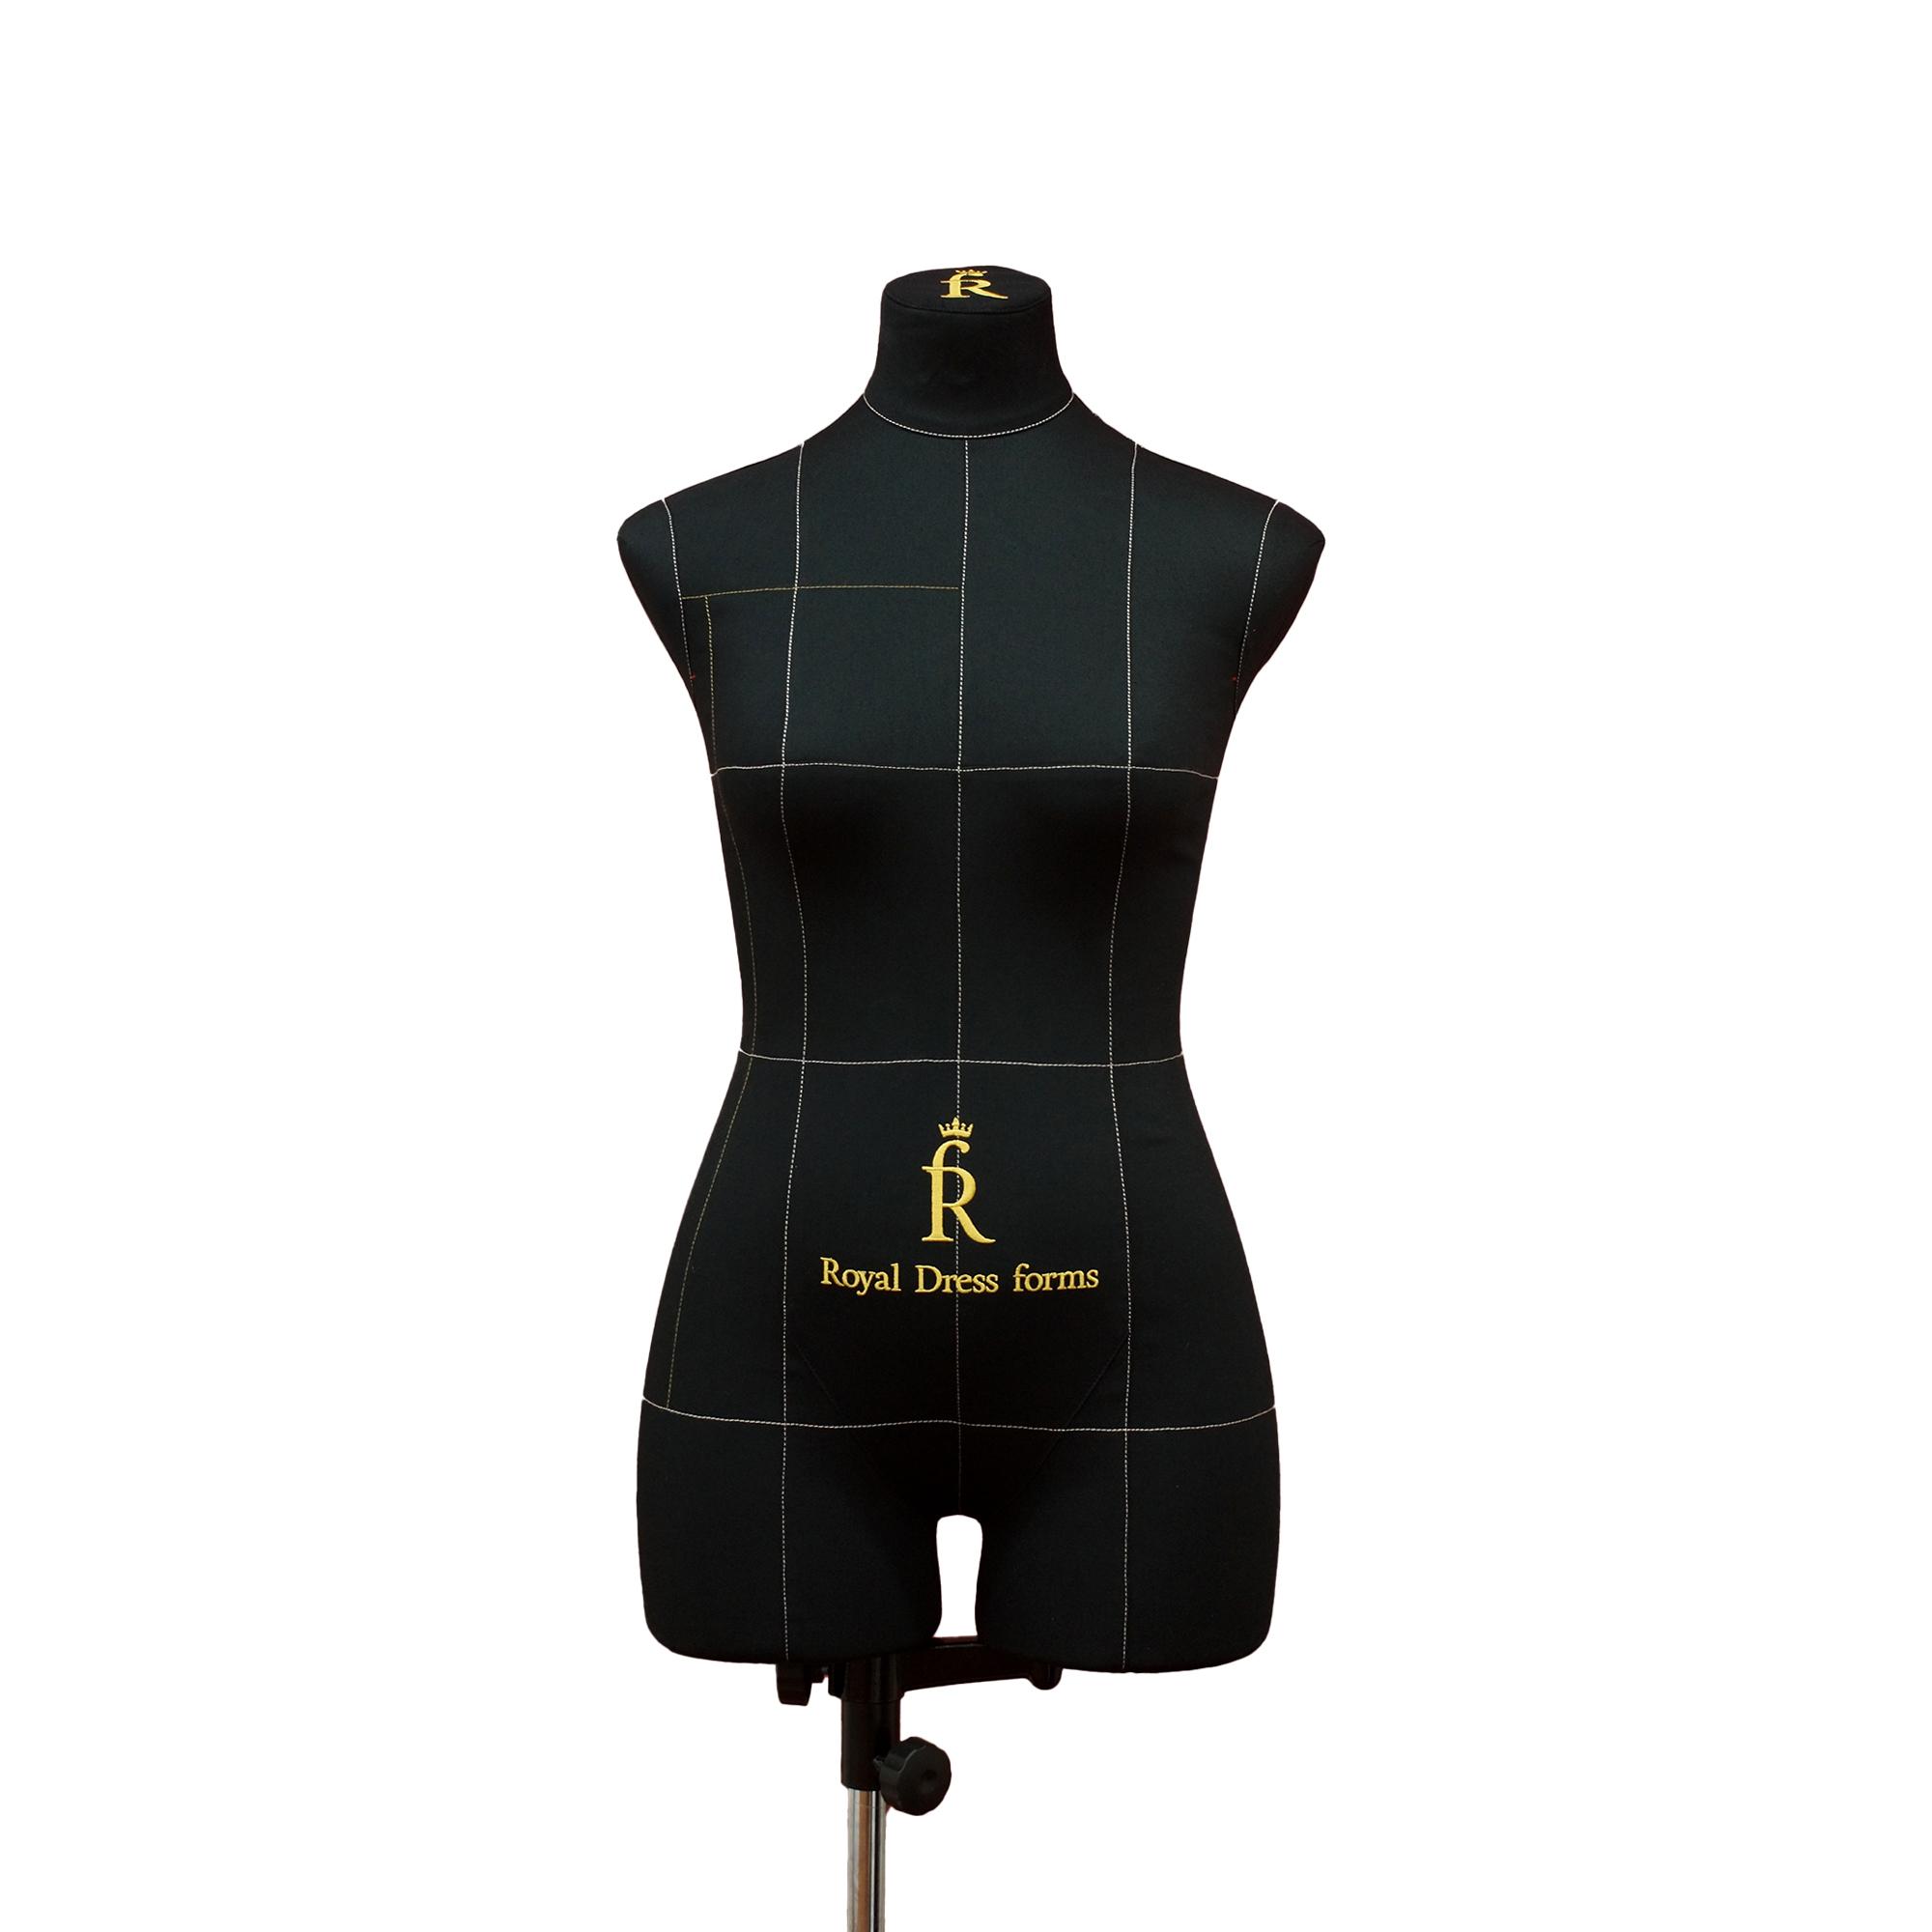 Манекен портновский Моника, комплект Стандарт, тип фигуры песочные часы, размер 44, цвет чёрный, в комплекте подставка